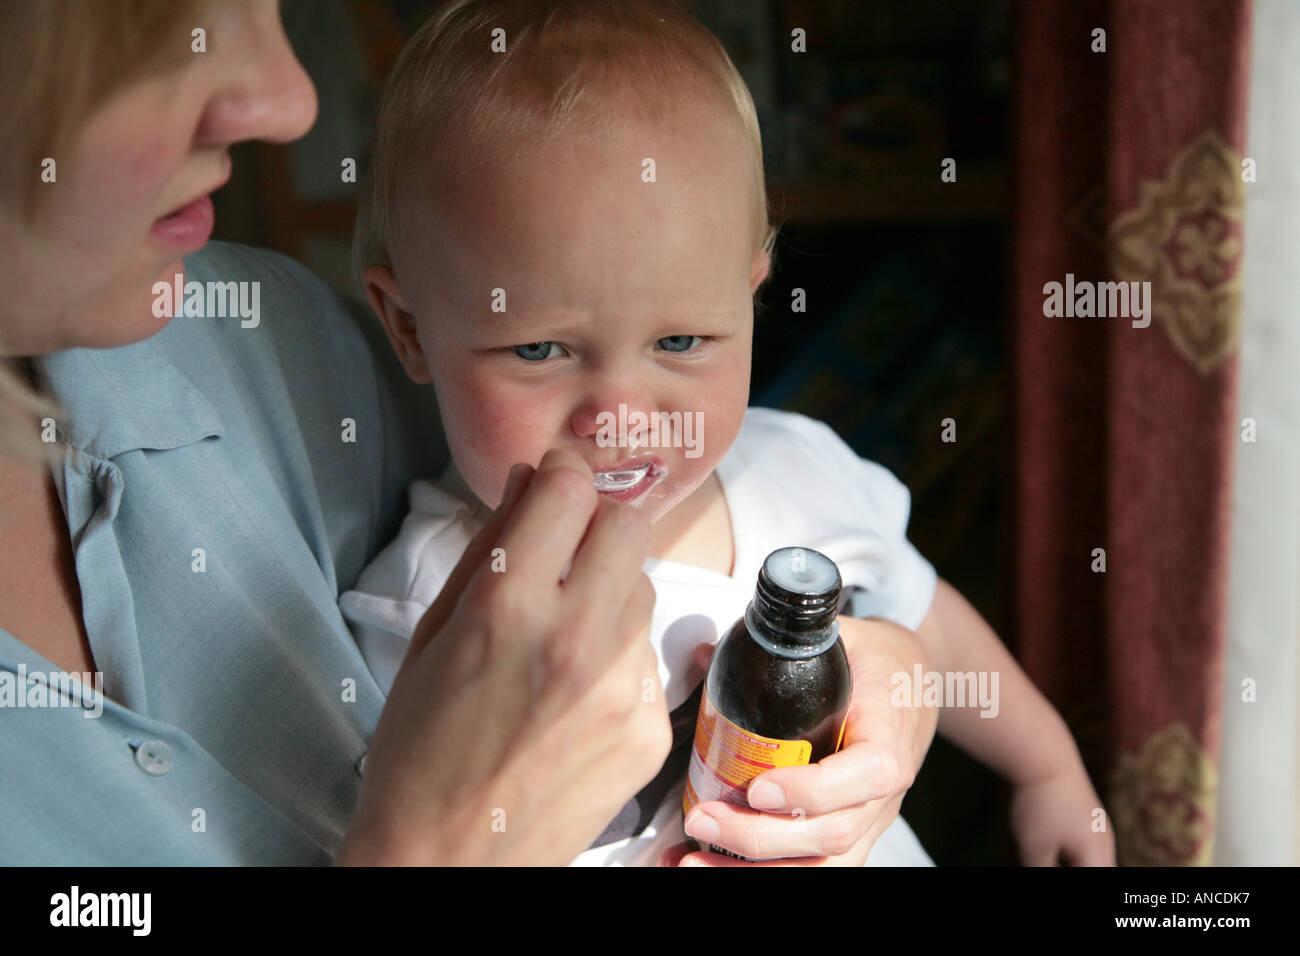 Bebé dado cucharada de medicina Imagen De Stock